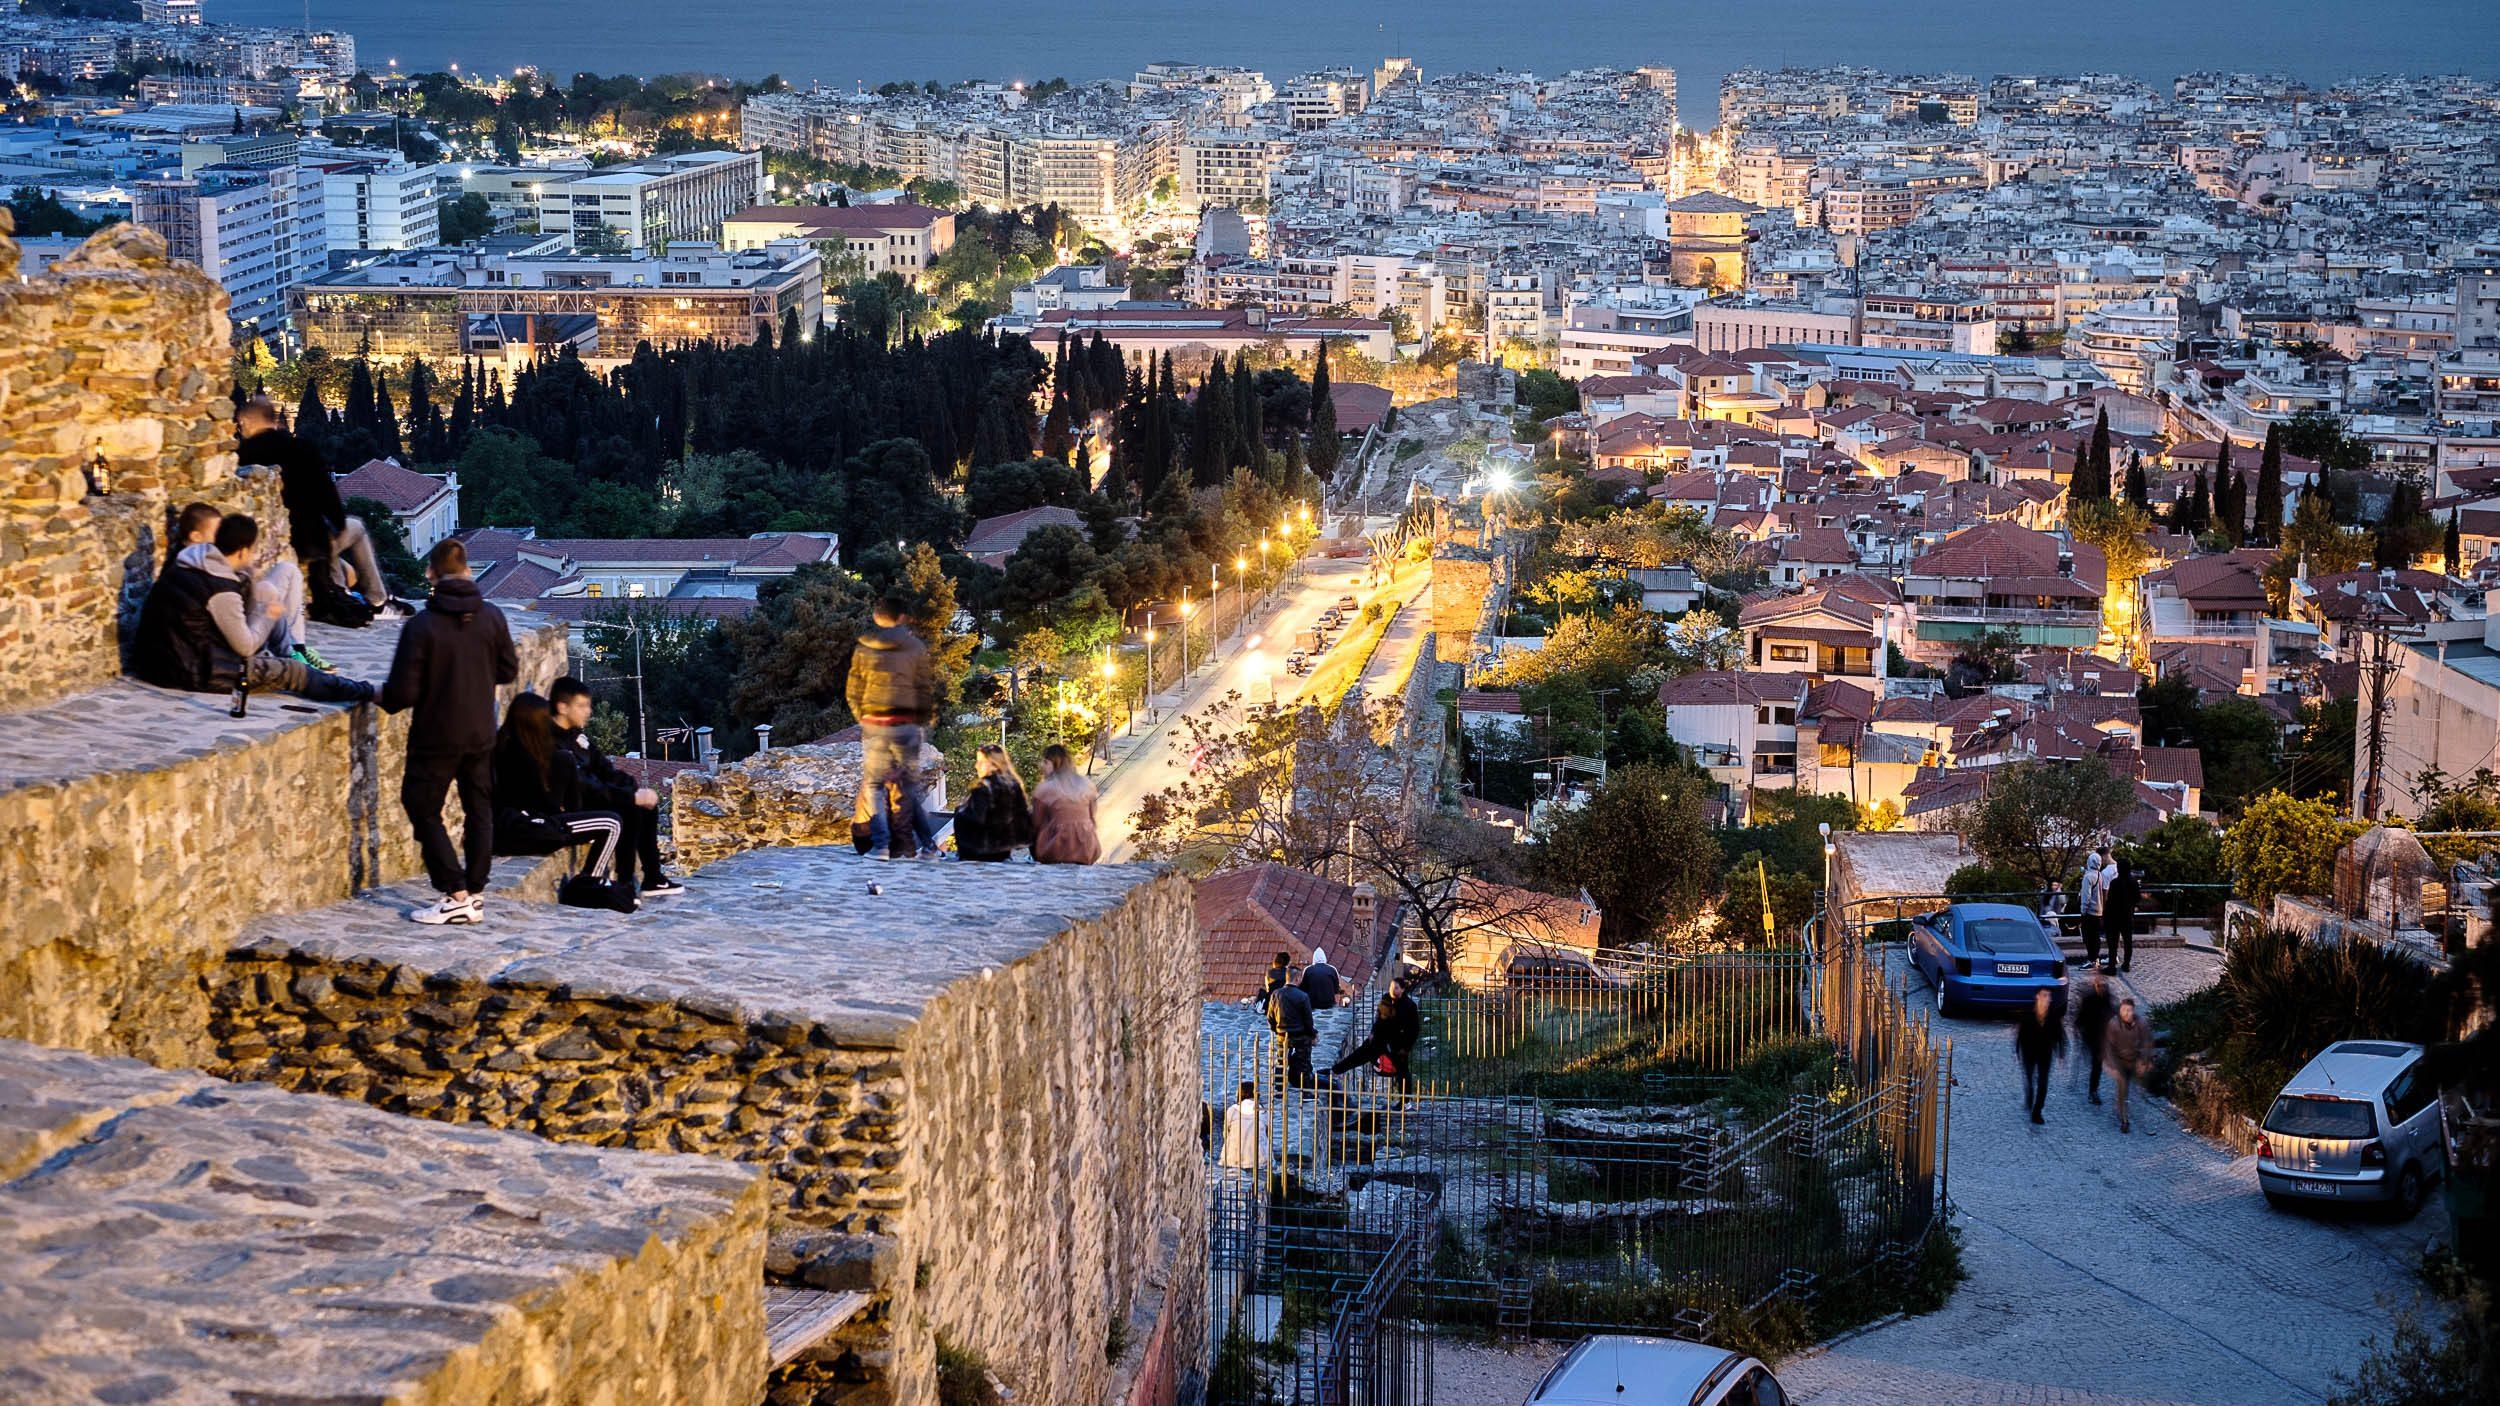 Nacht, Thessaloniki, Griechenland